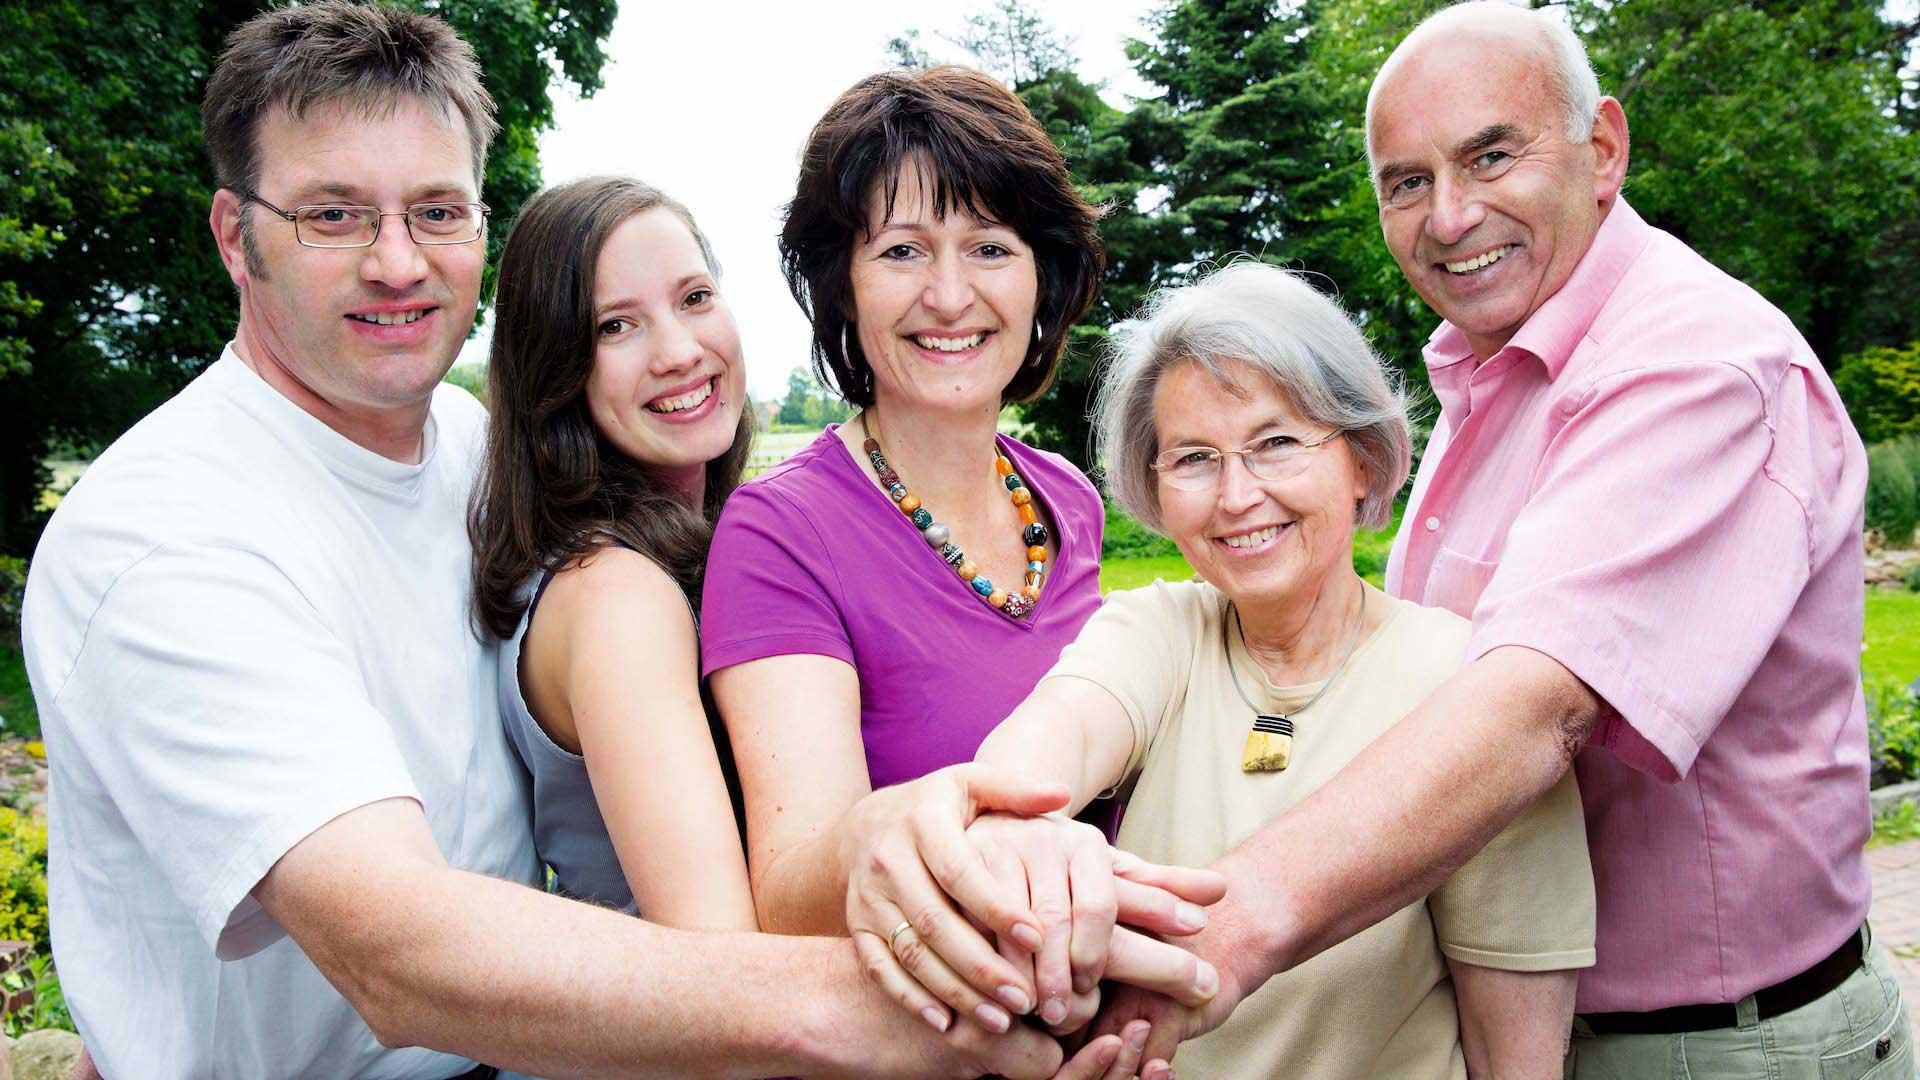 Familie Grotelüschen beim Grillen